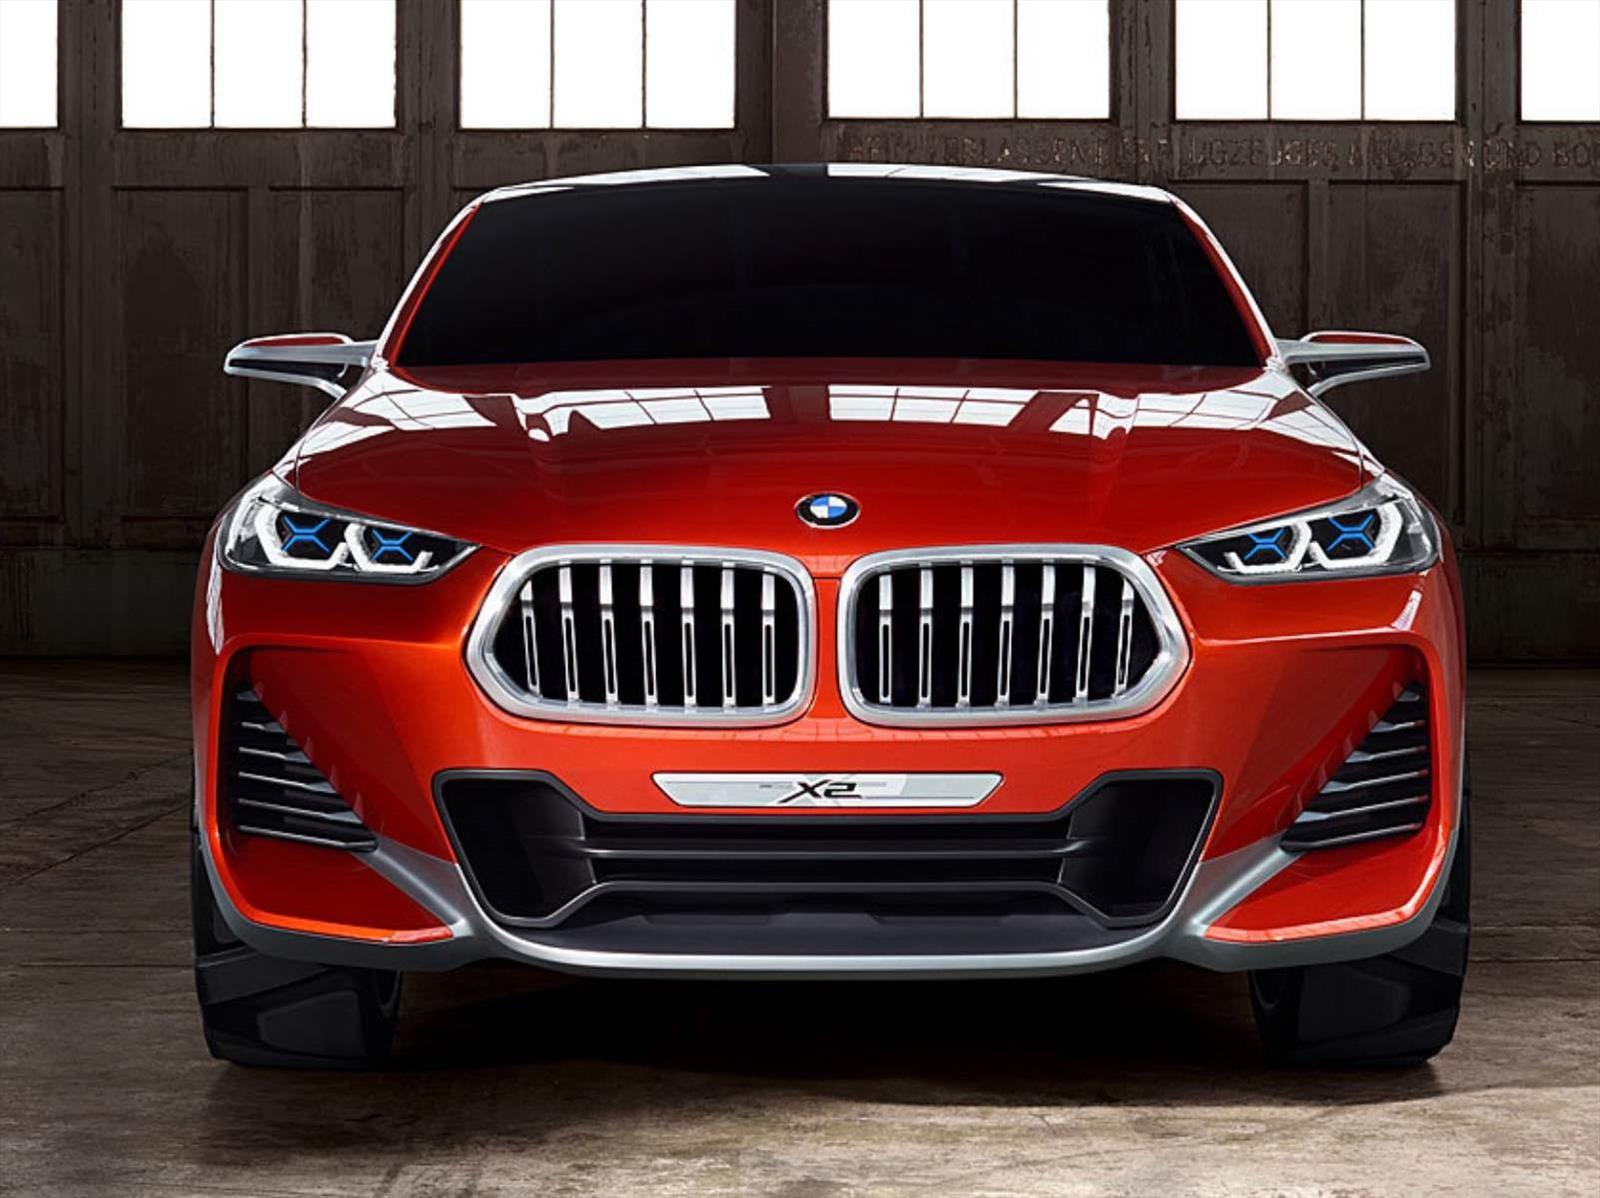 BMW Group tendrá 40 novedades en los siguientes 2 años